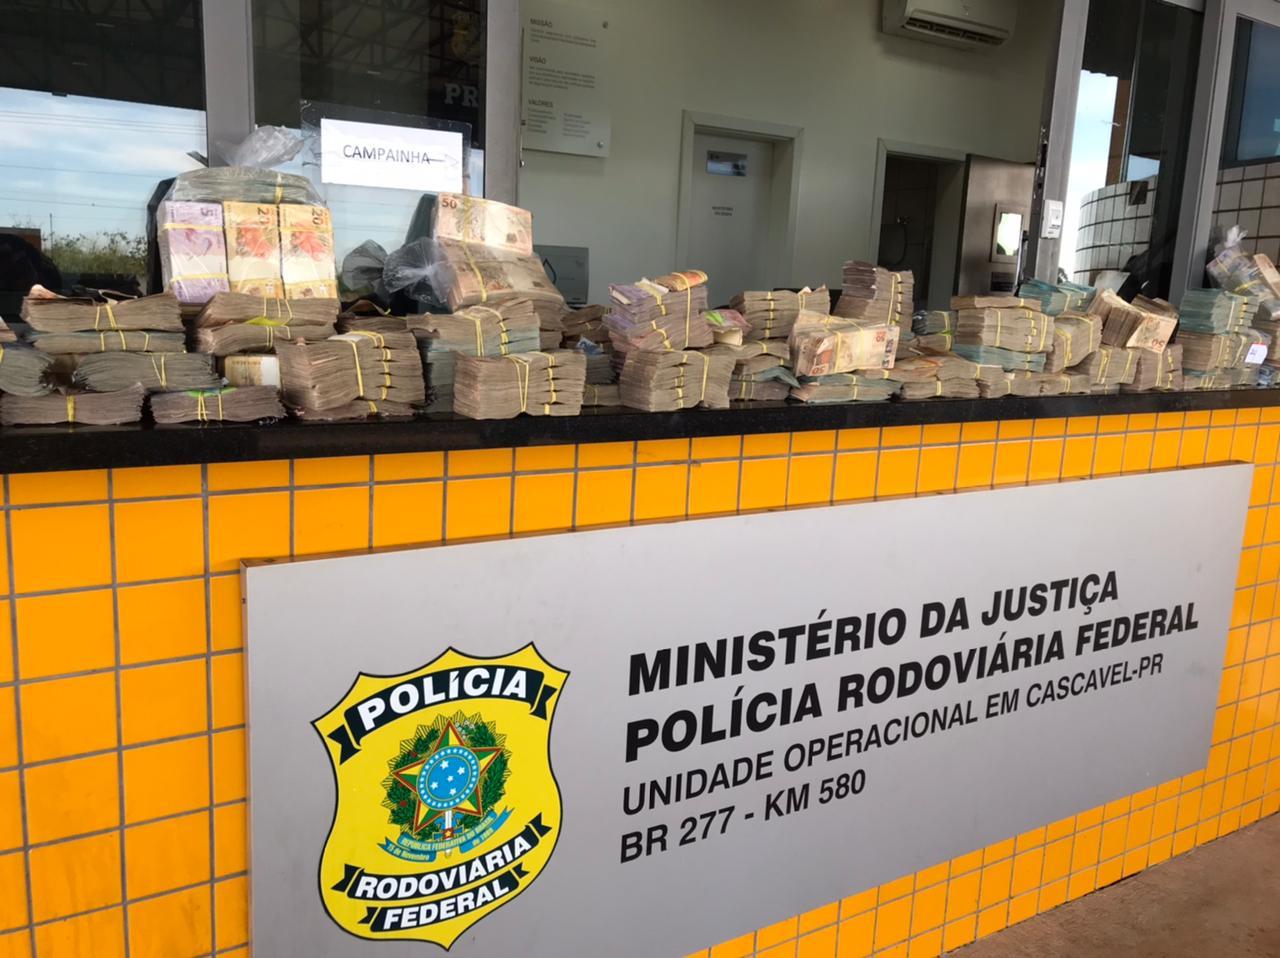 O dinheiro foi encontrado dentro de sacolas e de uma caixa de papelão, no interior de um veículo Kia Cadenza.